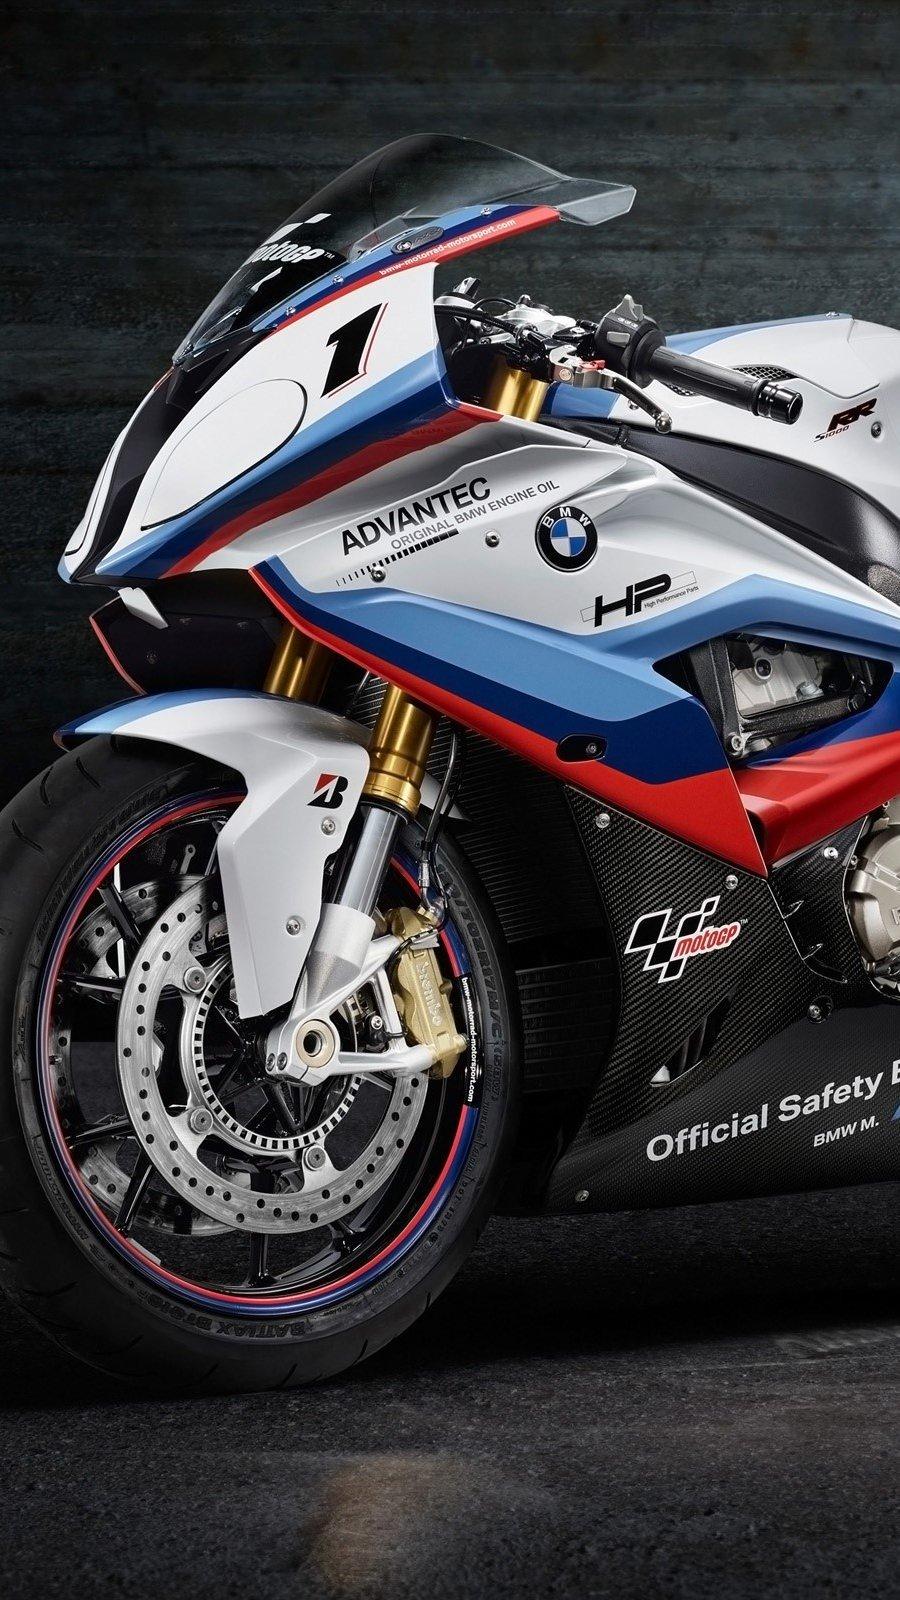 Fondos de pantalla BMW M4 MotoGP safety Vertical